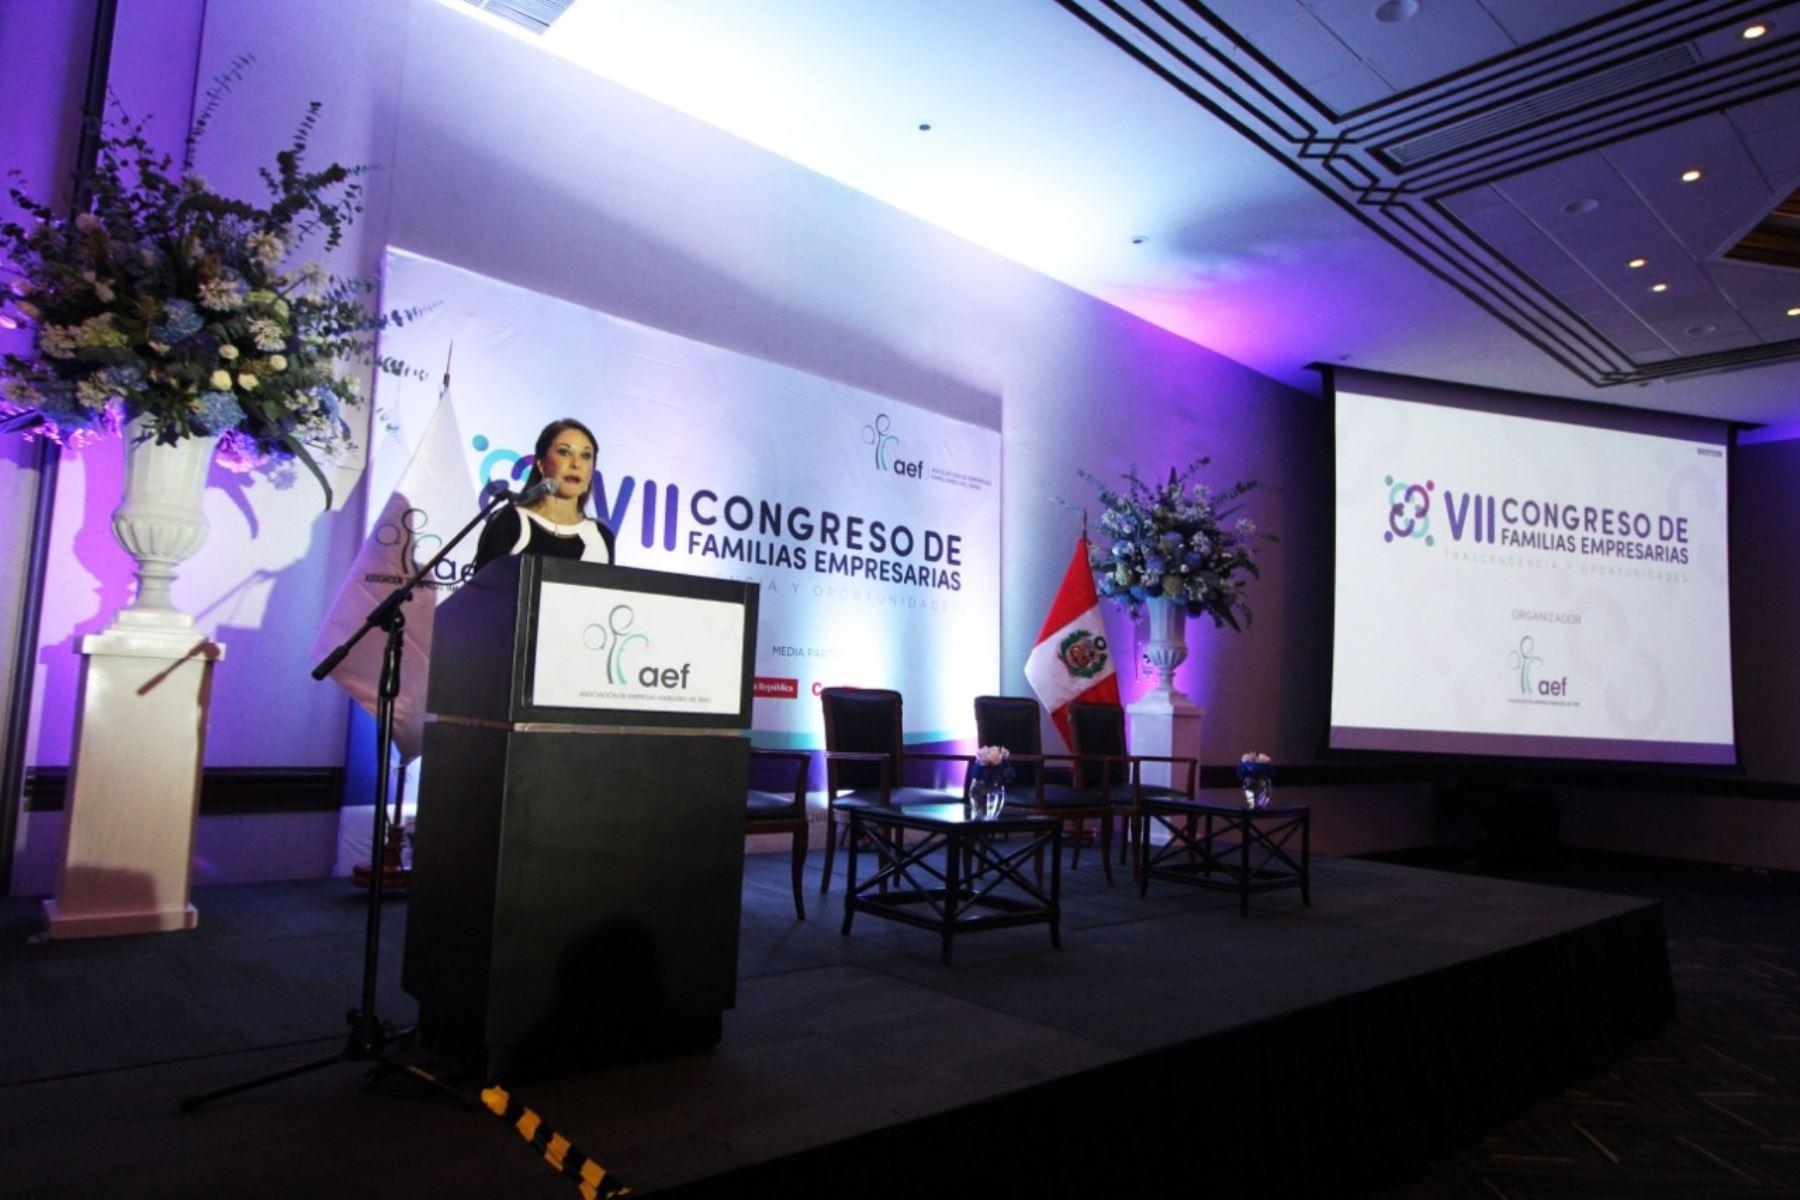 VII Congreso de Empresas Familiares en Perú. Foto: Cortesía.